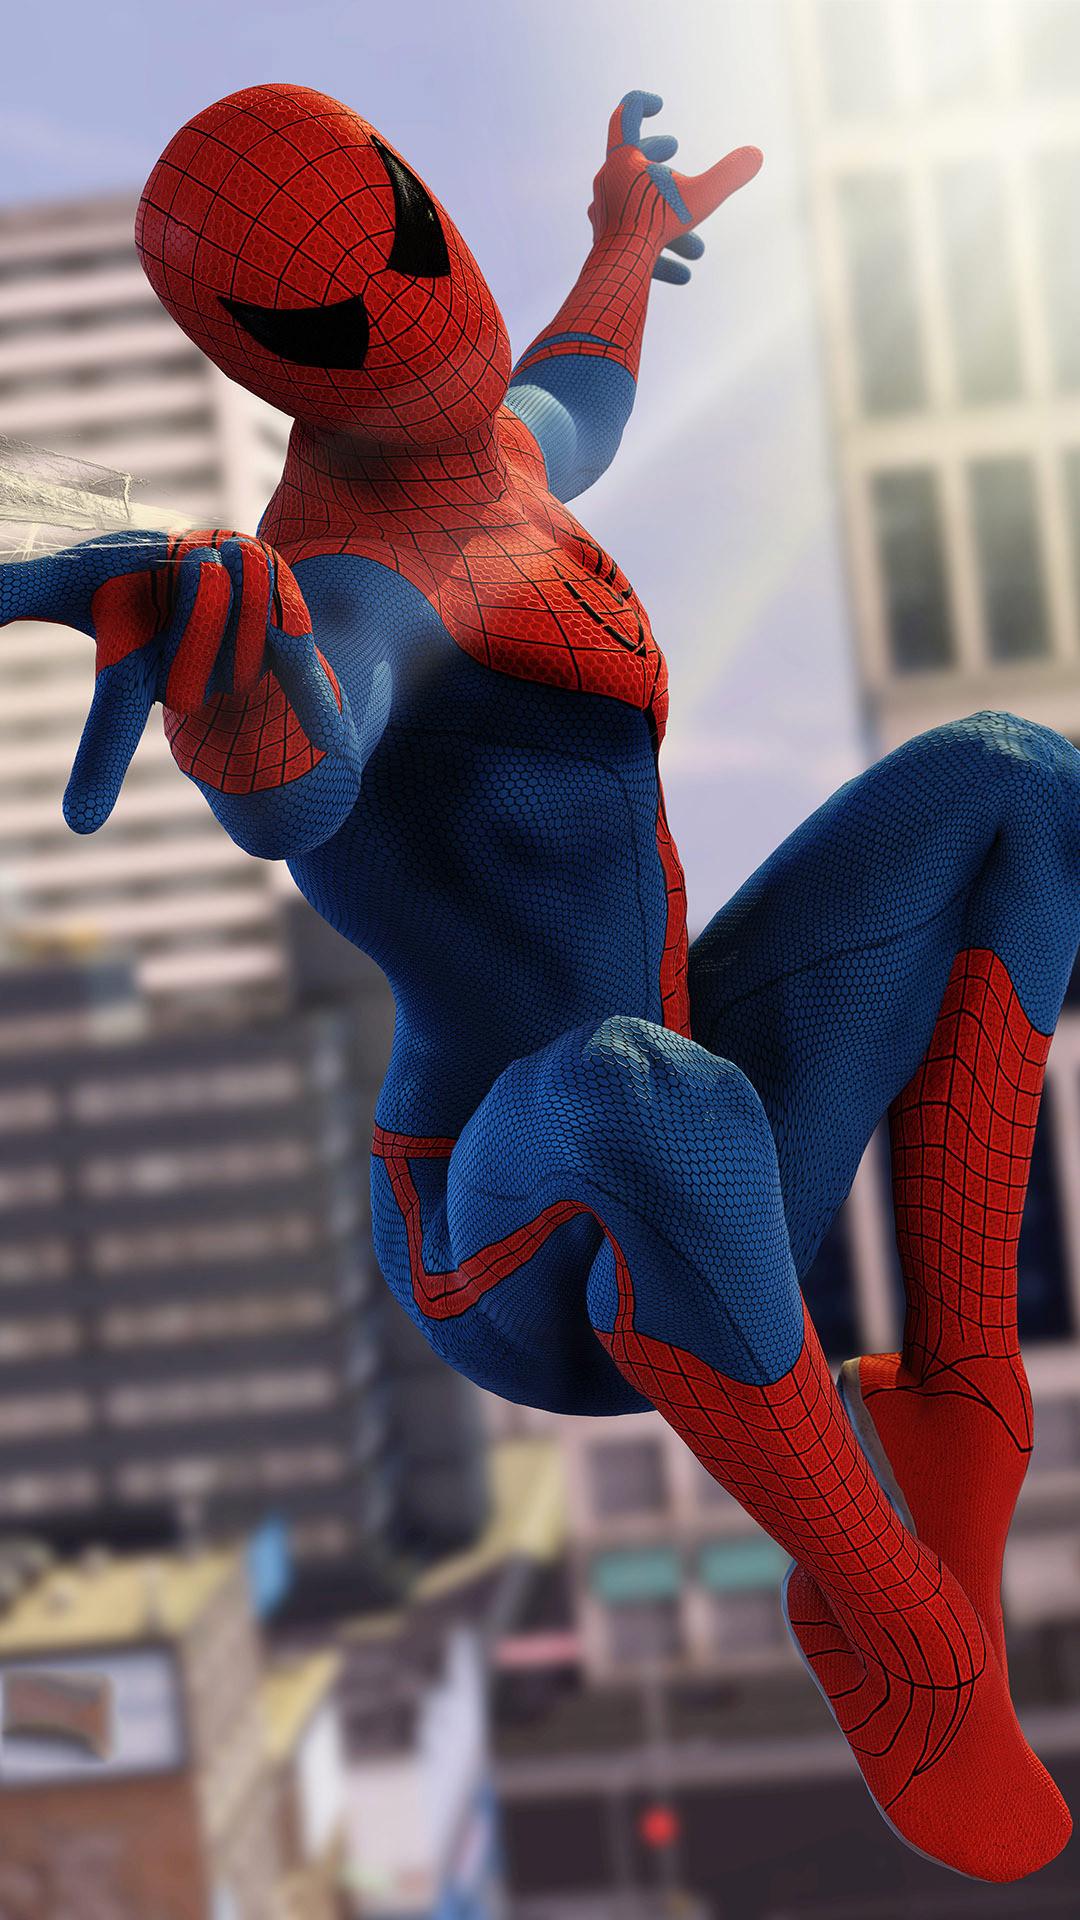 Gravity Falls Iphone 7 Plus Wallpaper Spiderman Iphone Wallpaper Hd 83 Images